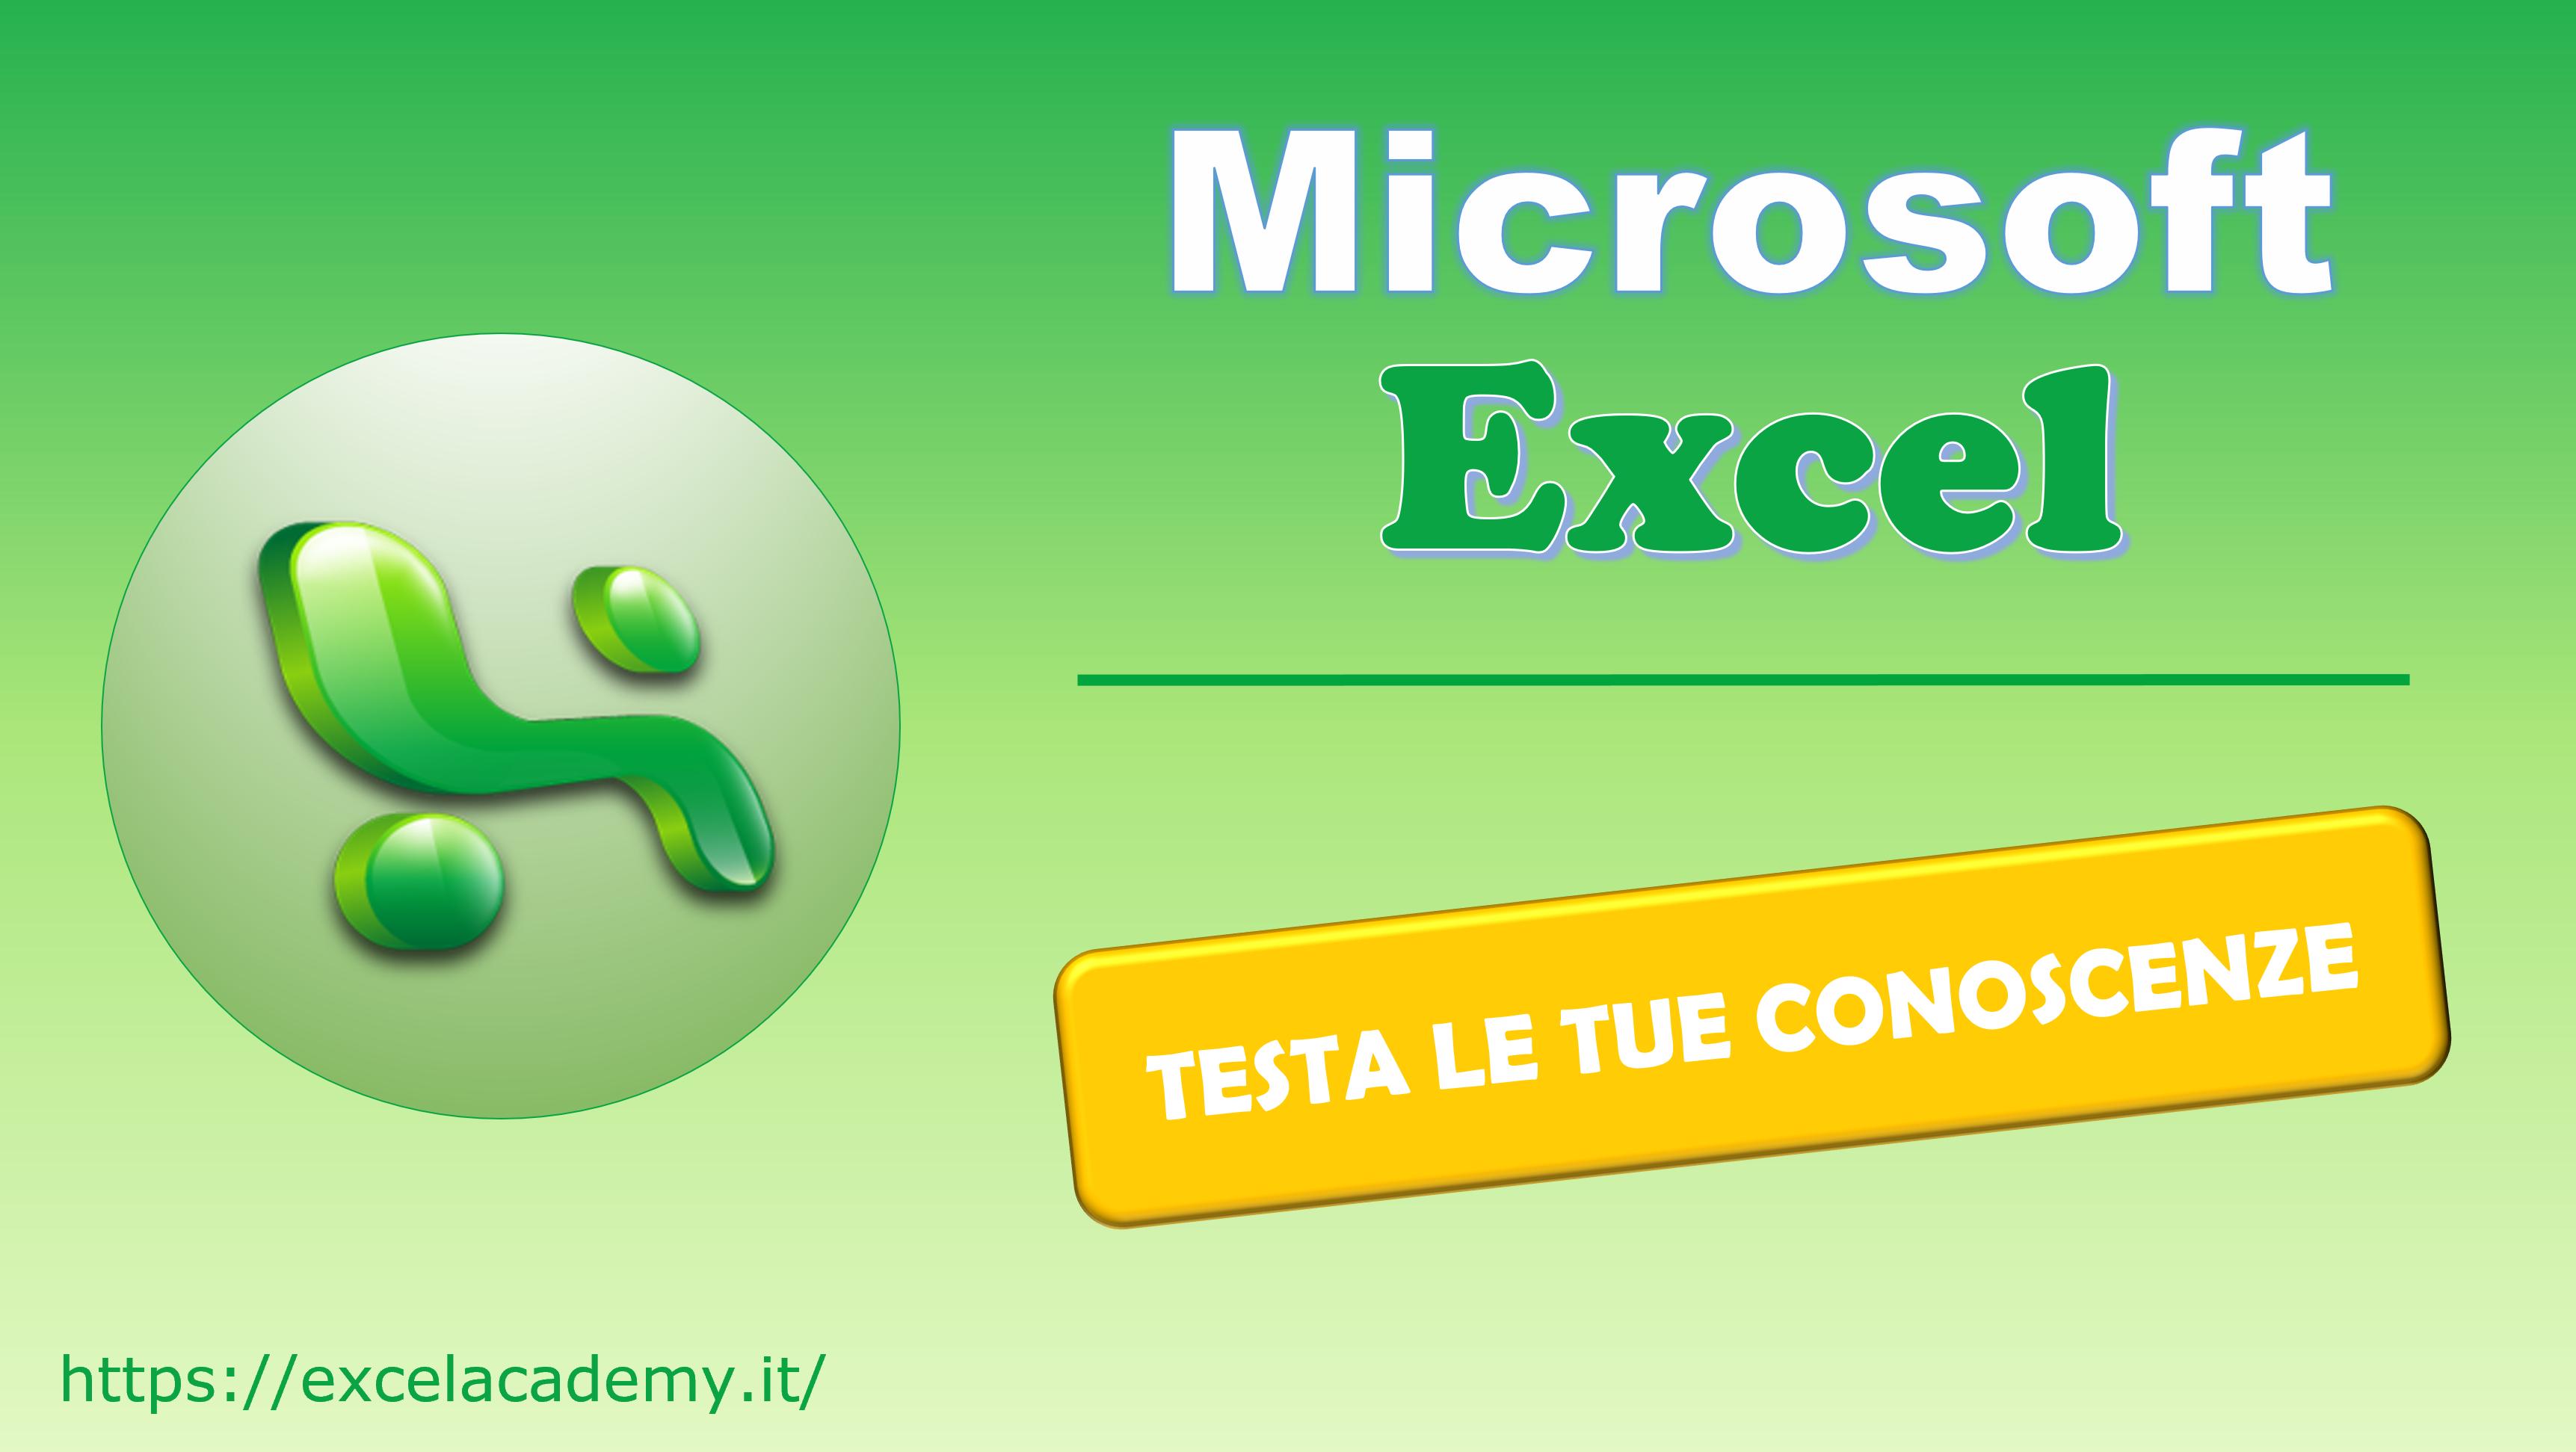 Testa le tue conoscenze su Microsoft Excel 2